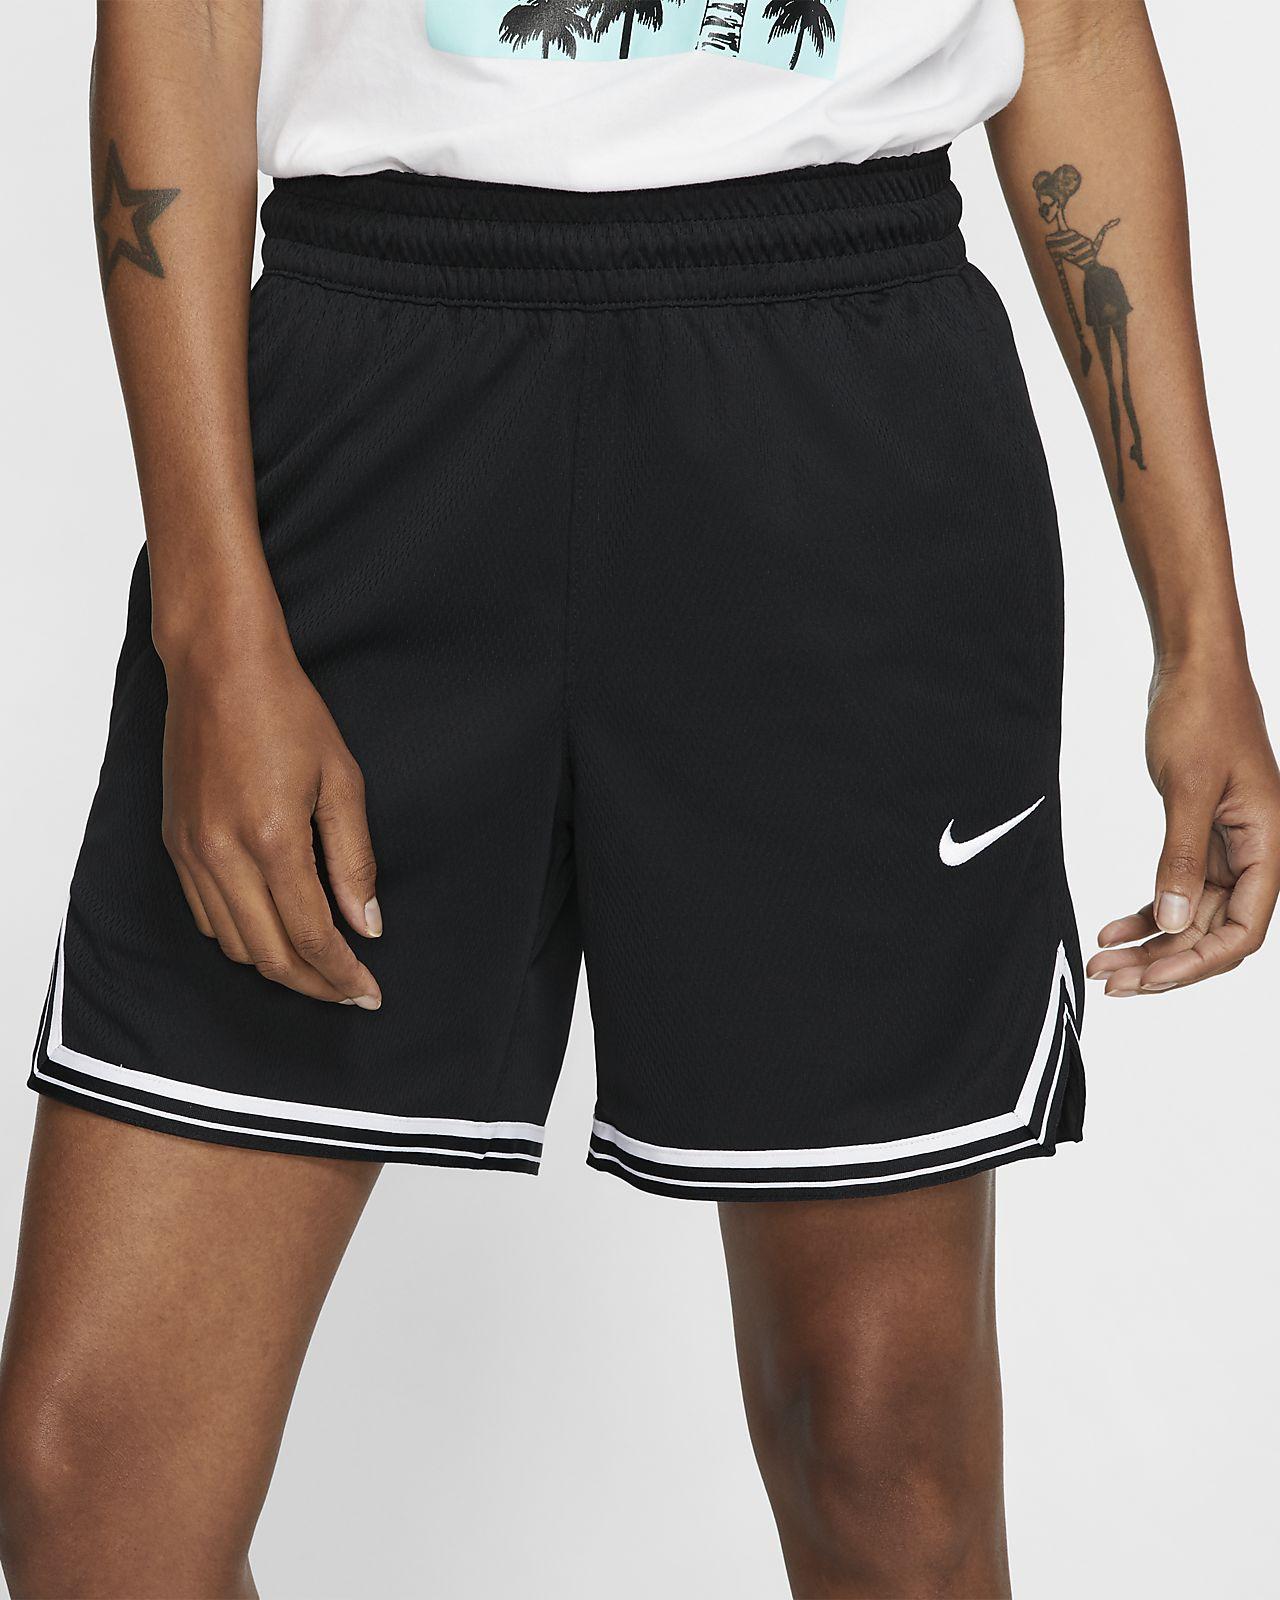 Shorts da basket Nike - Donna